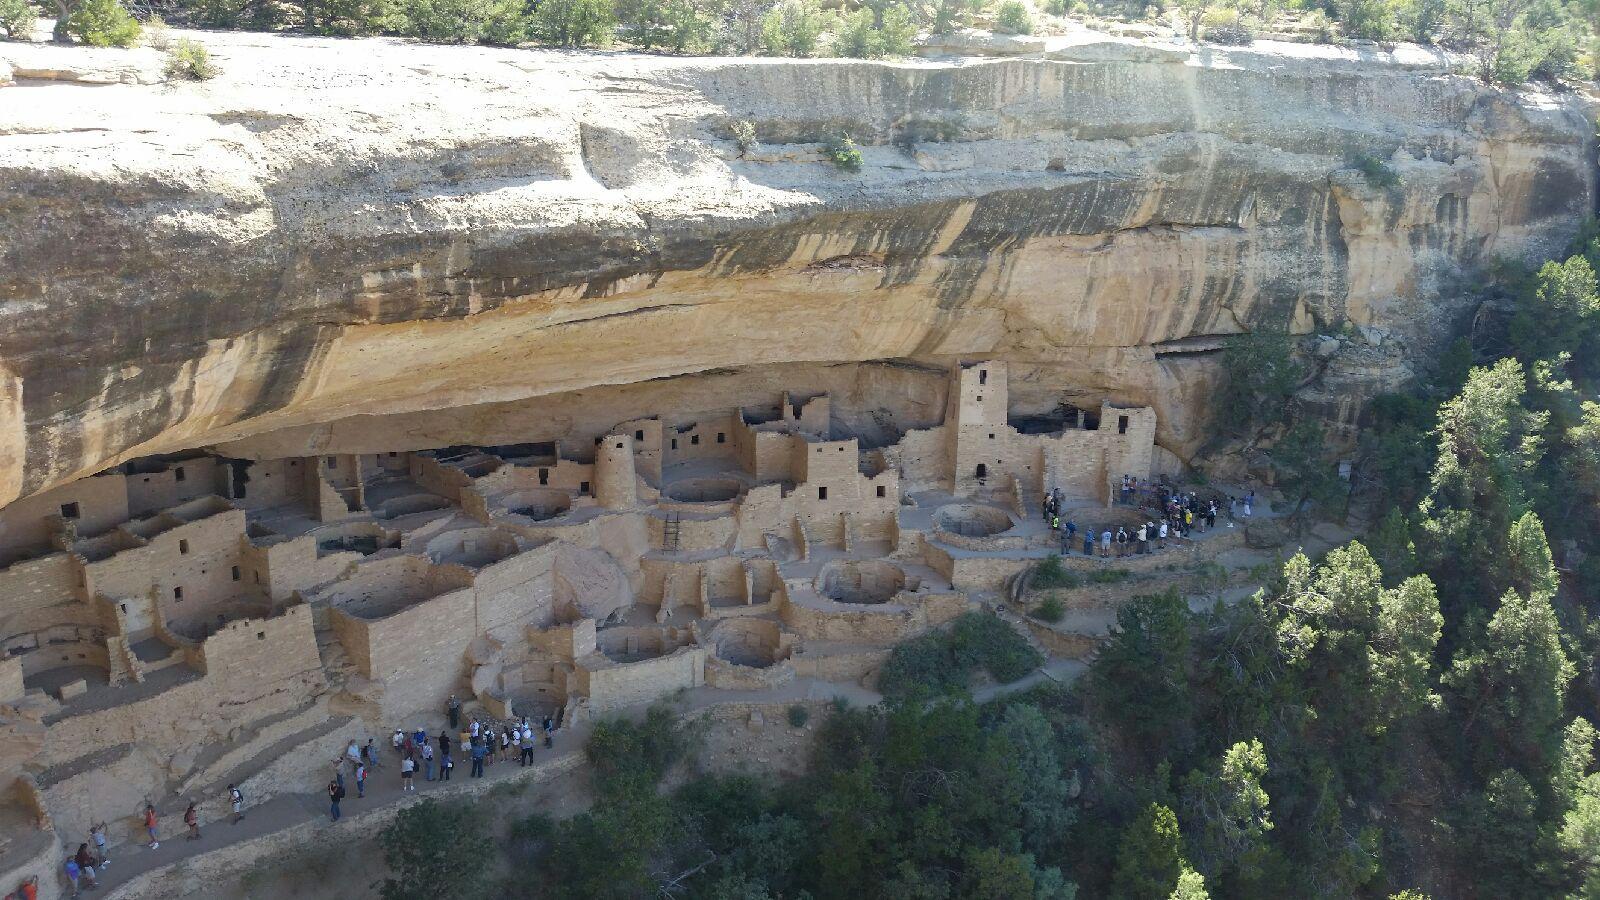 Anasazi Cliff Dwellings - Pueblo - Mesa Verde Colorado